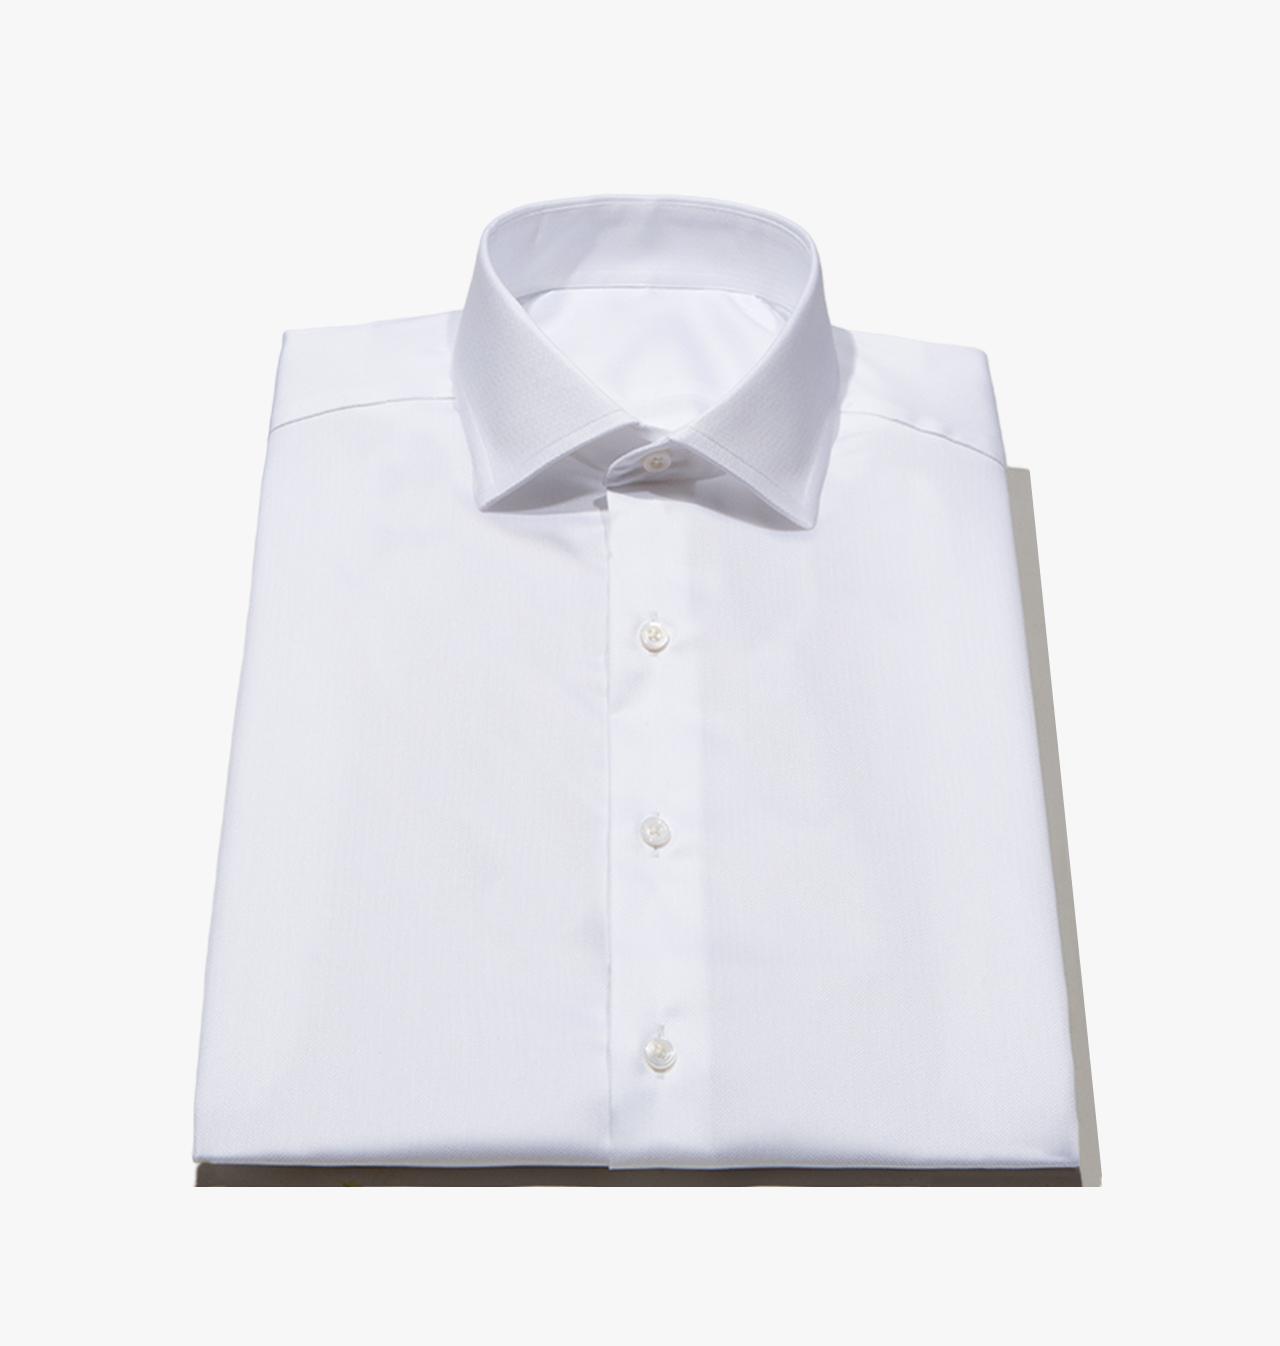 Men 39 s tailored white herringbone twill dress shirt 1140 for White herringbone dress shirt